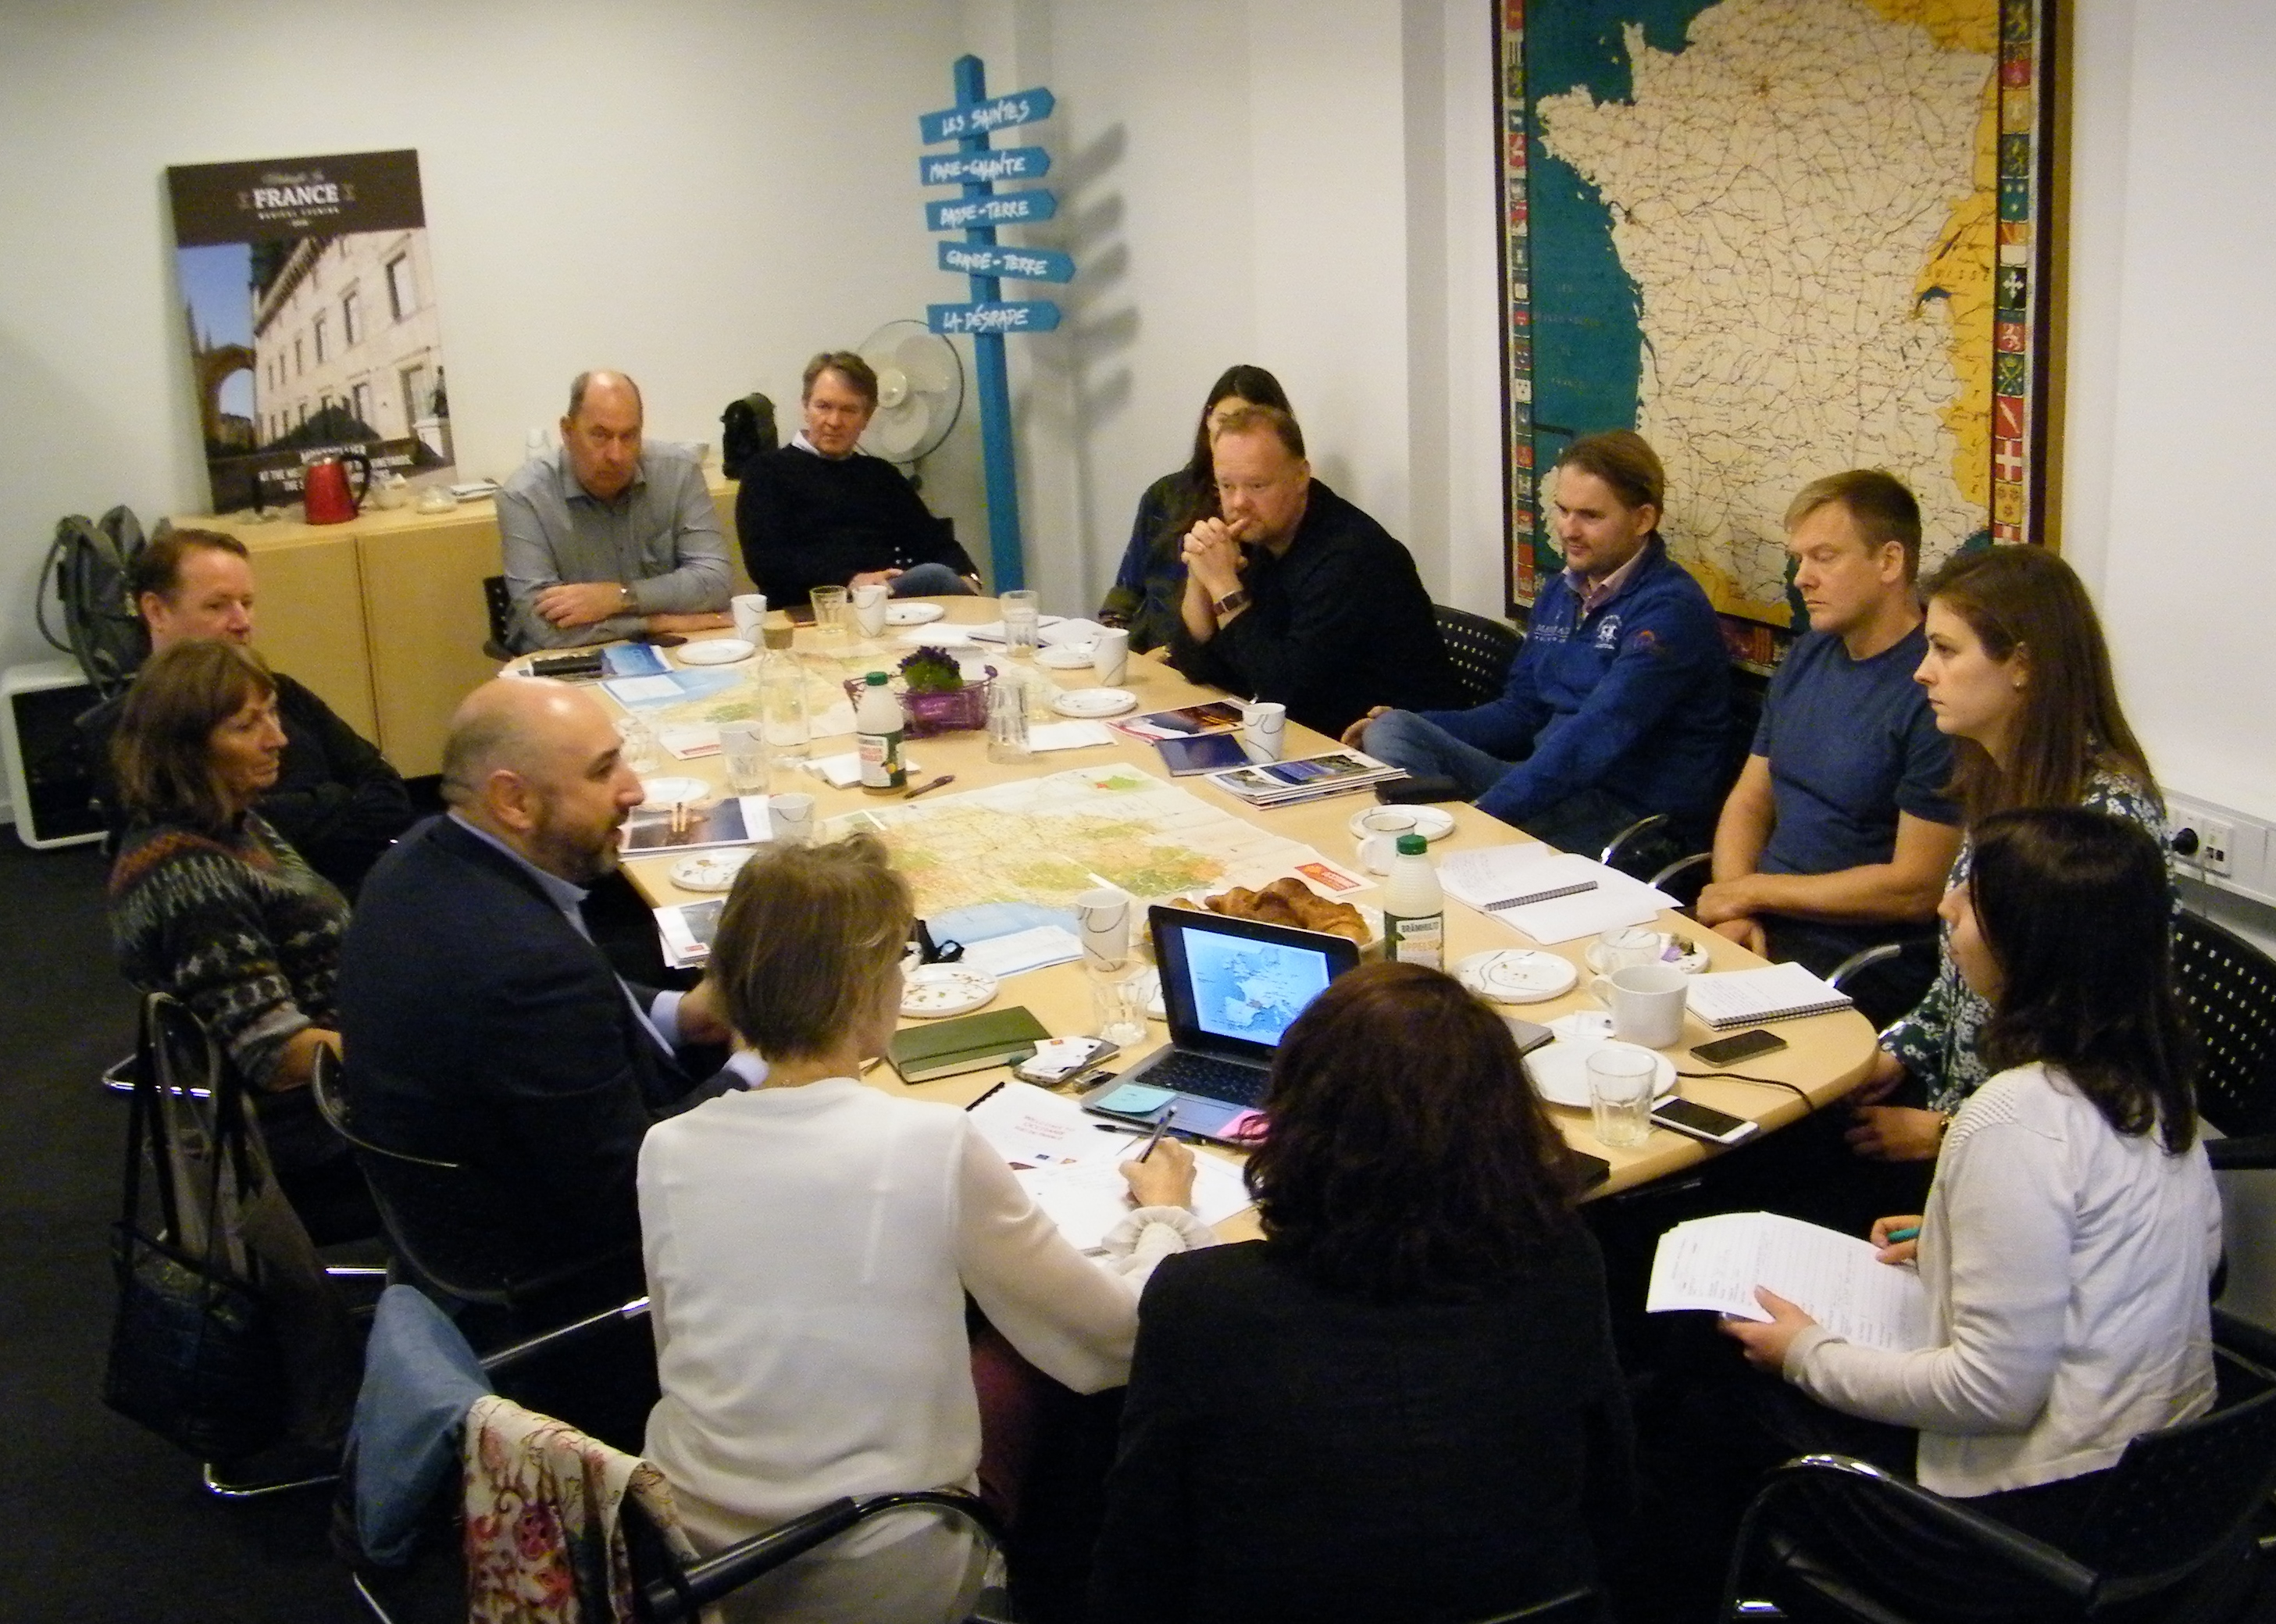 Fokusgruppe med blandt andet danske rejsebureauer og repræsentanter fra regionen Occitanie med Frankrigs fjerdestørste by, Toulouse, drøftede på møde hos Atout France potentialet for en flyrute mellem Toulouse og København. Foto: Henrik Baumgarten.